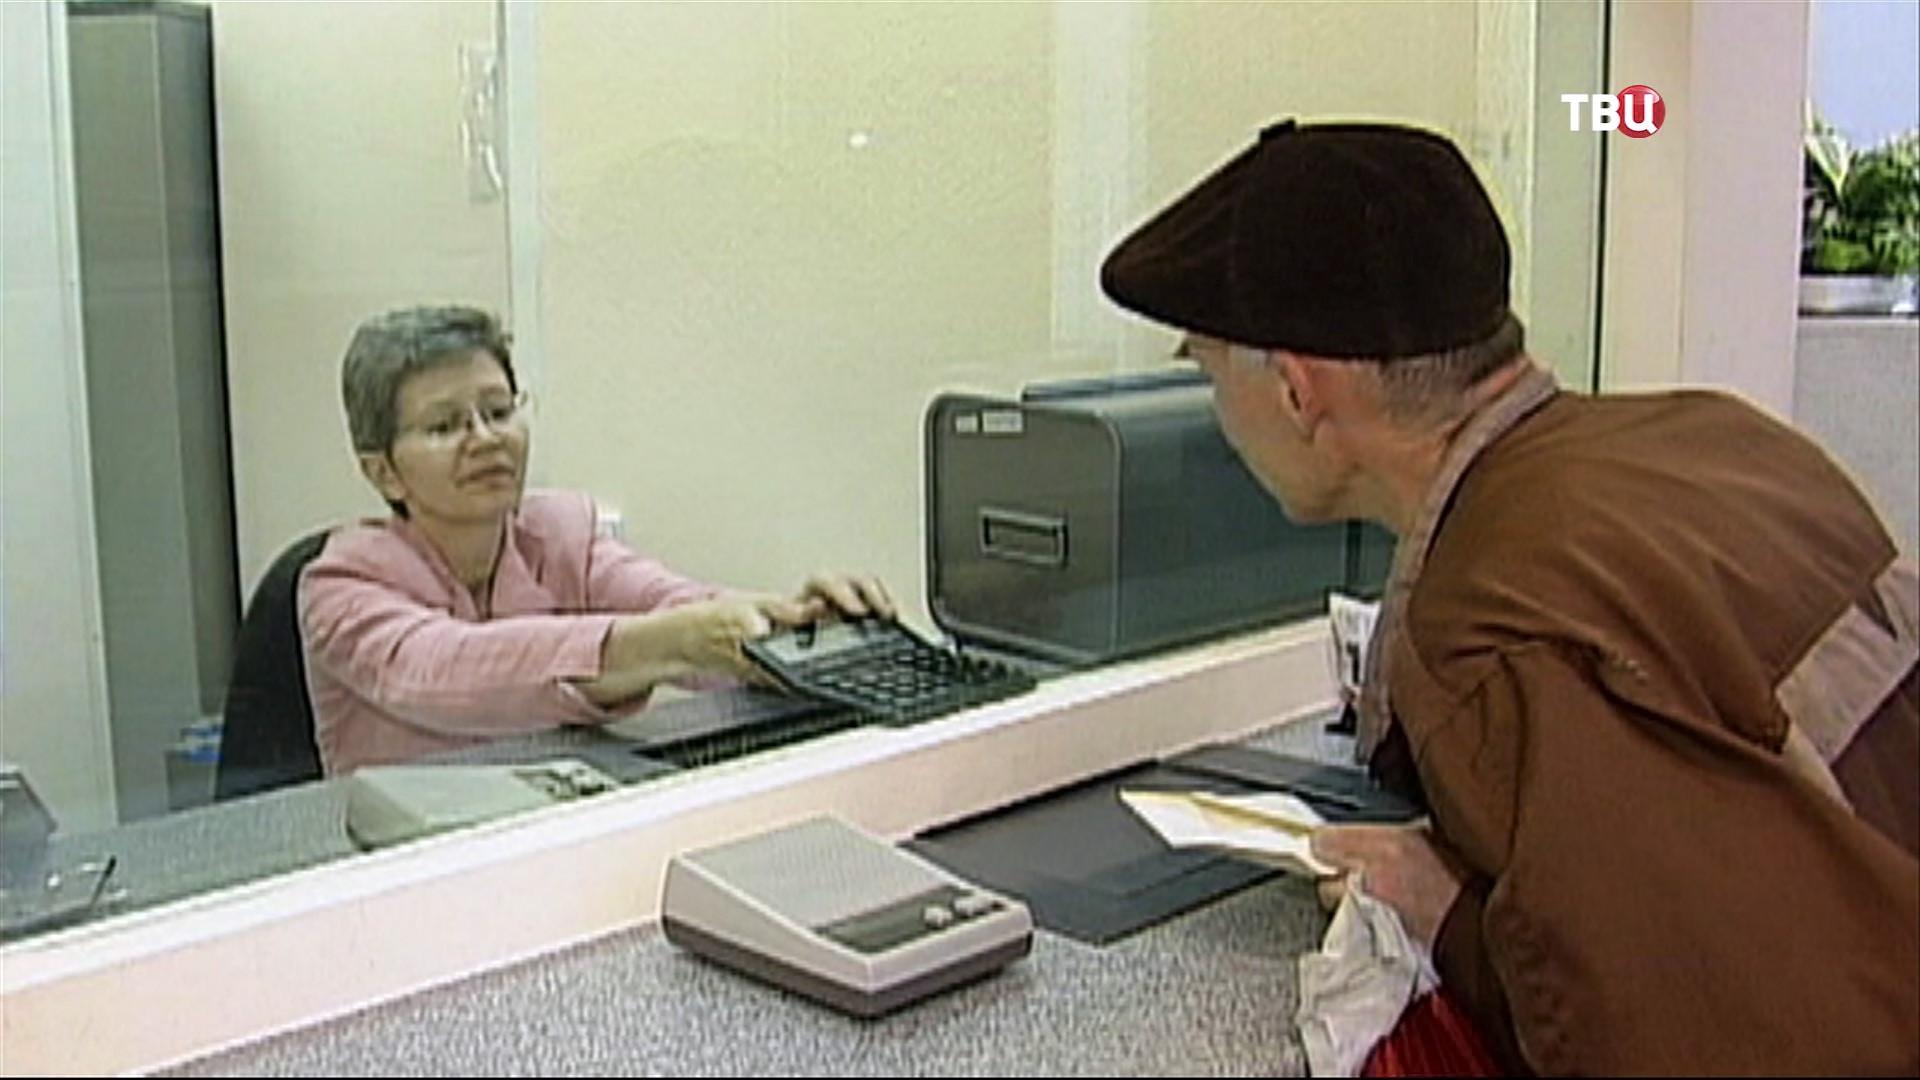 Пенсионер в сберкассе